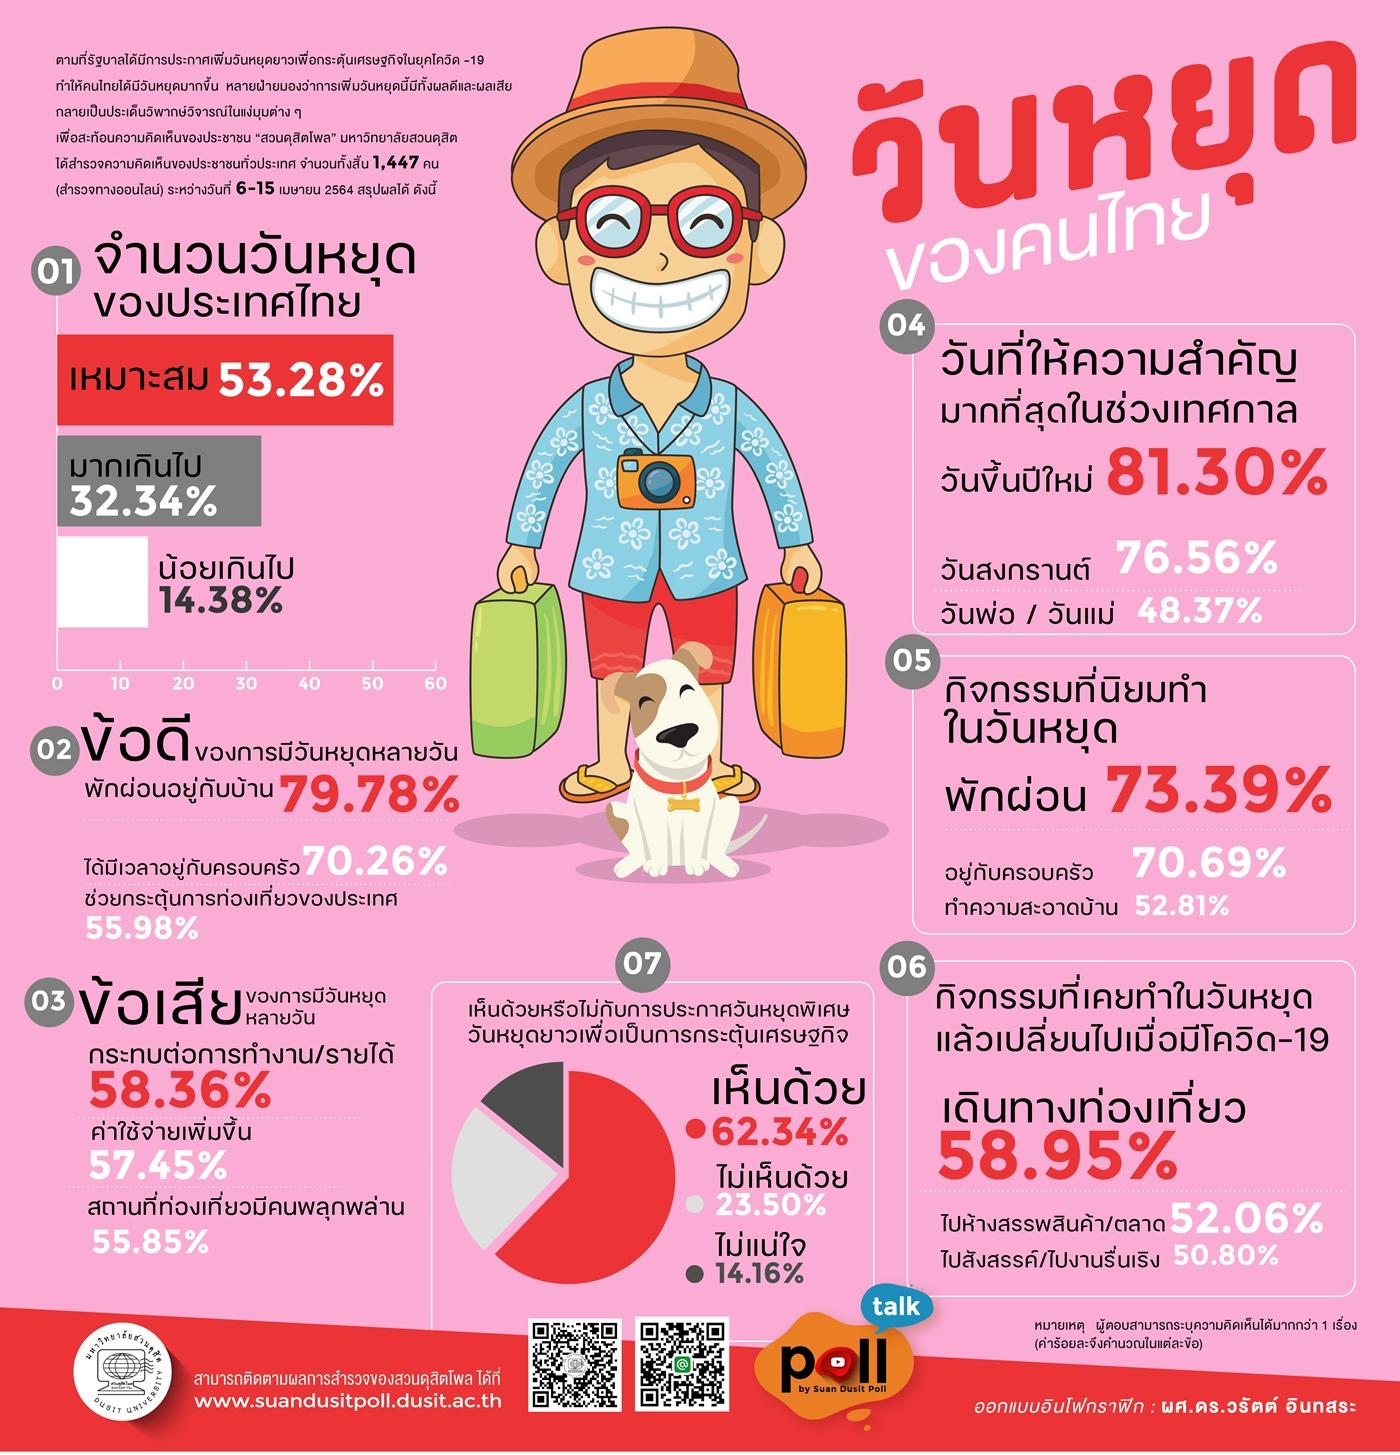 โพลชี้ประชาชนคิดว่าประเทศไทยมีวันหยุดเหมาะสม 53.28% มากเกินไป 32.34%